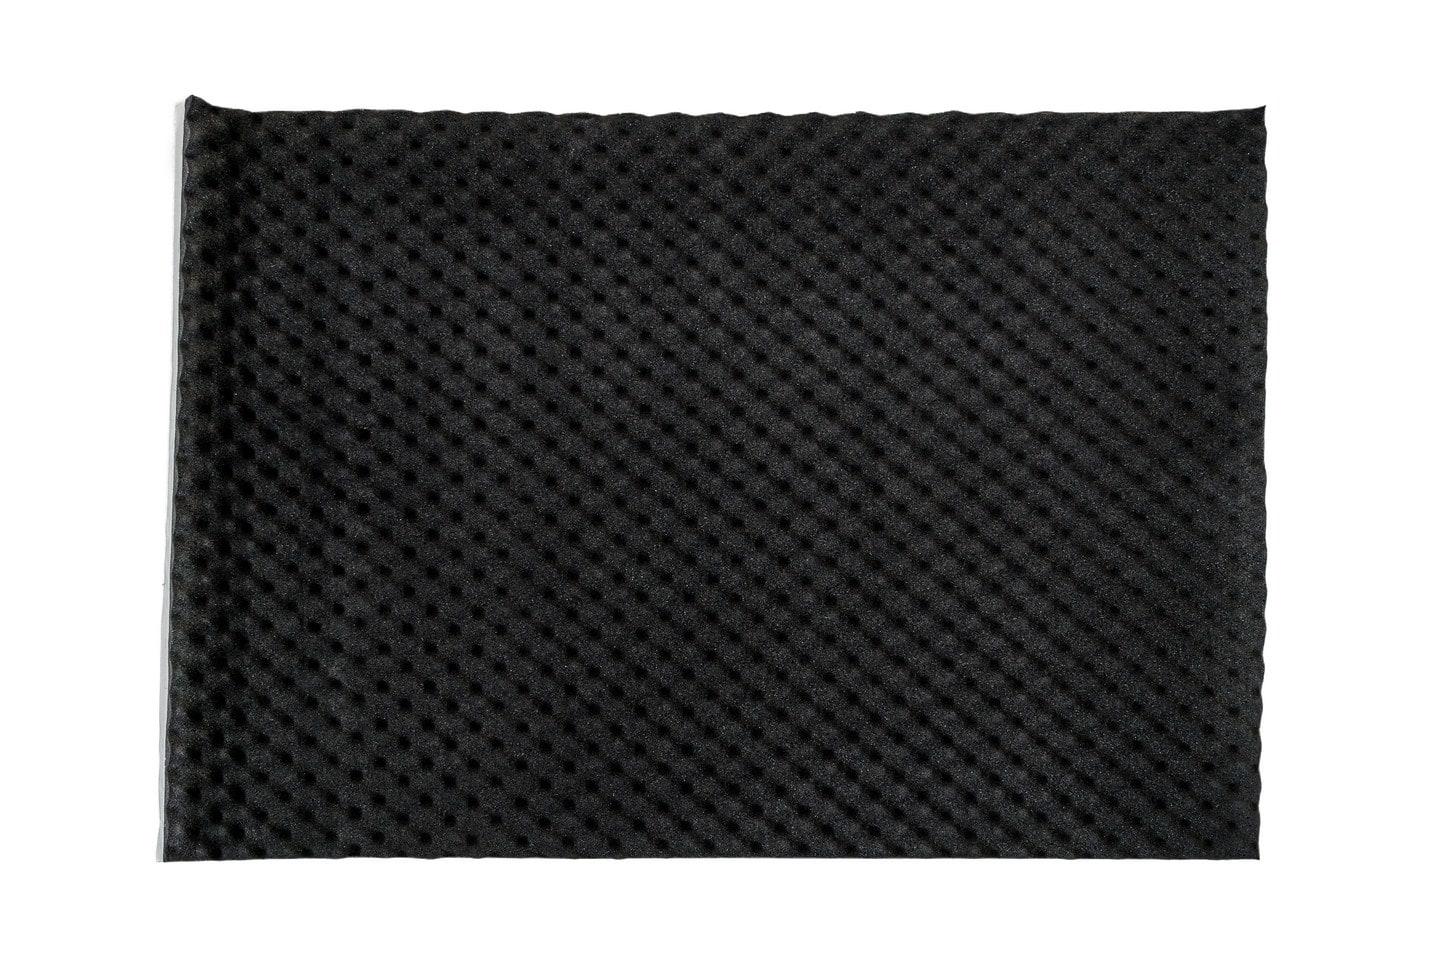 Звукопоглощающий полиуретан с клеевым слоем STP Biplast